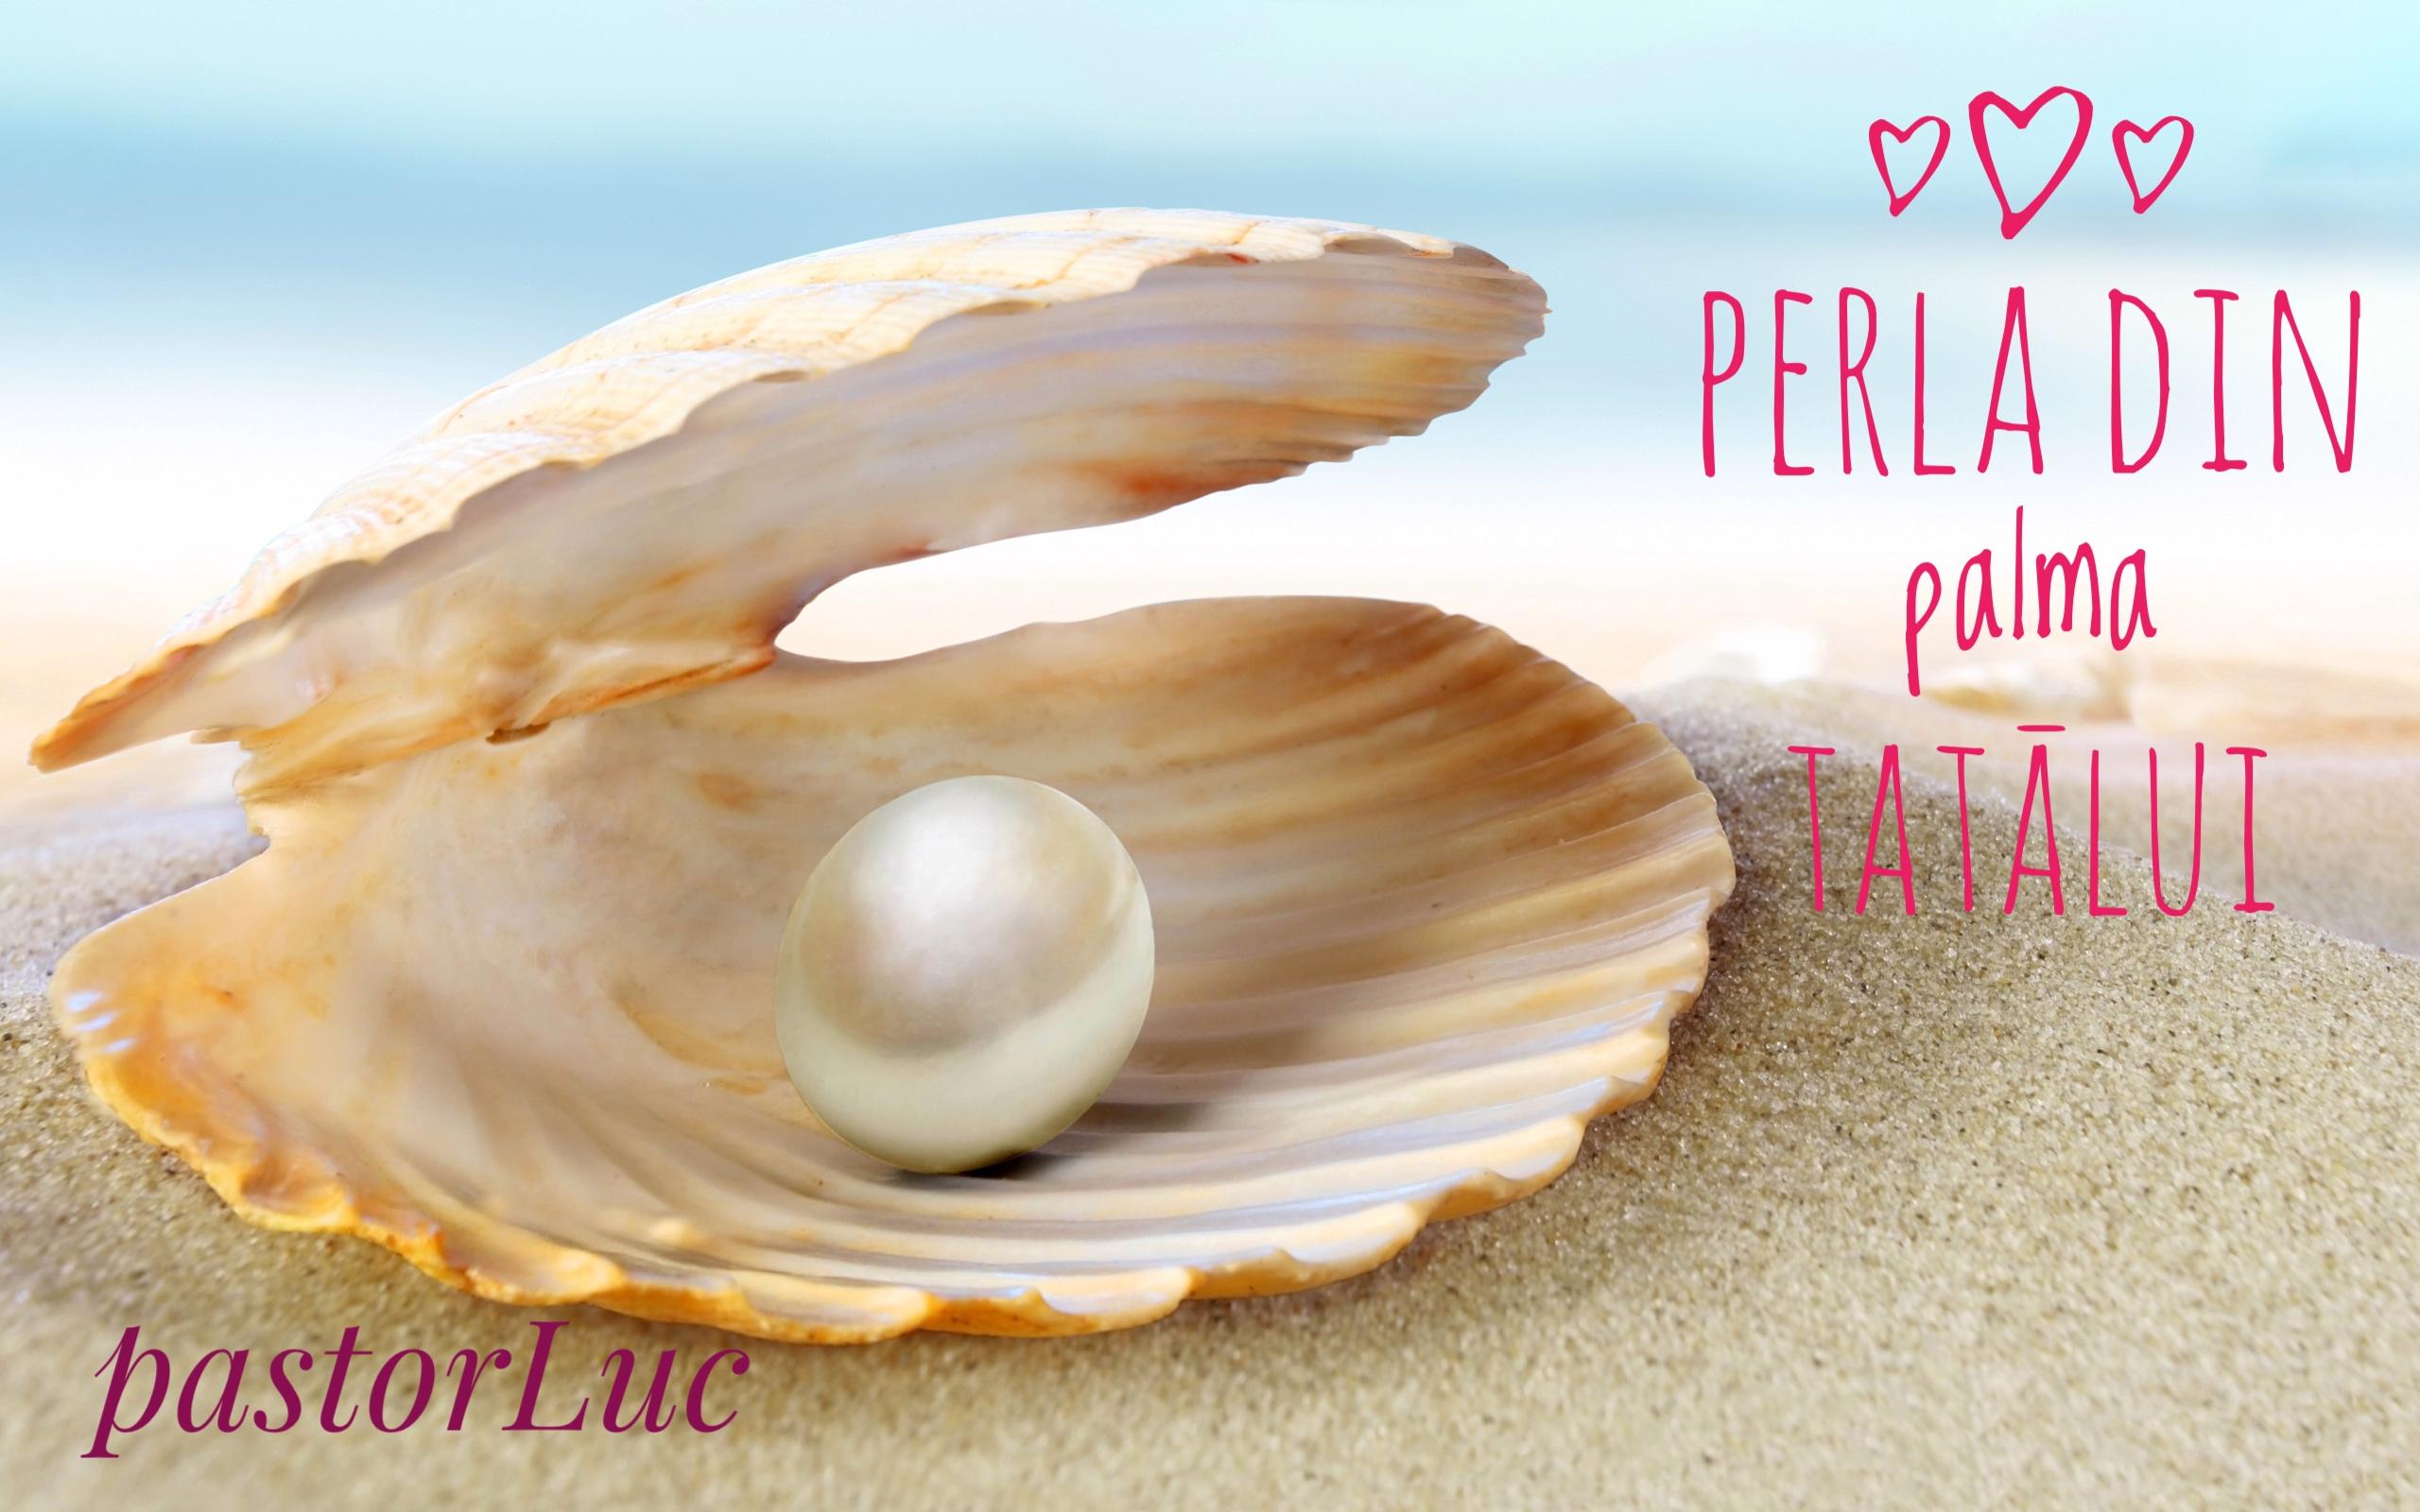 Read more about the article Perla din palma Tatālui!